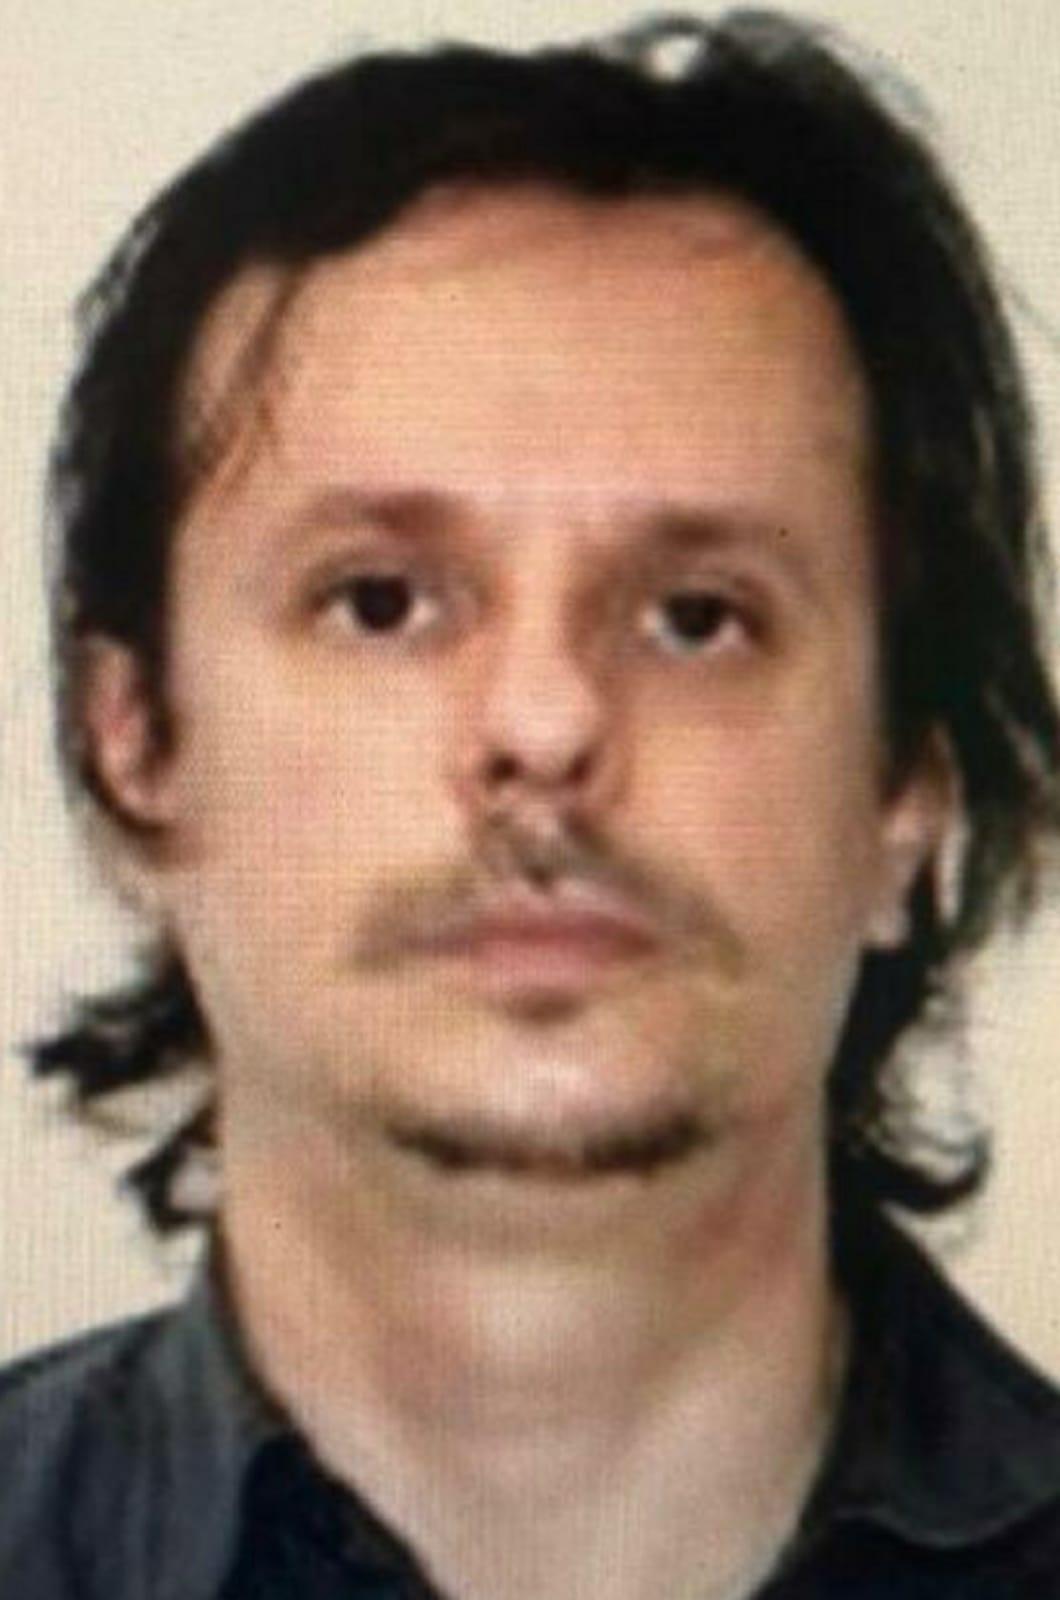 Bărbatul care a produs accidentul mortal la  Gherghești este căutat de Poliție. Persoanele care dețin informații sunt rugate să anunțe